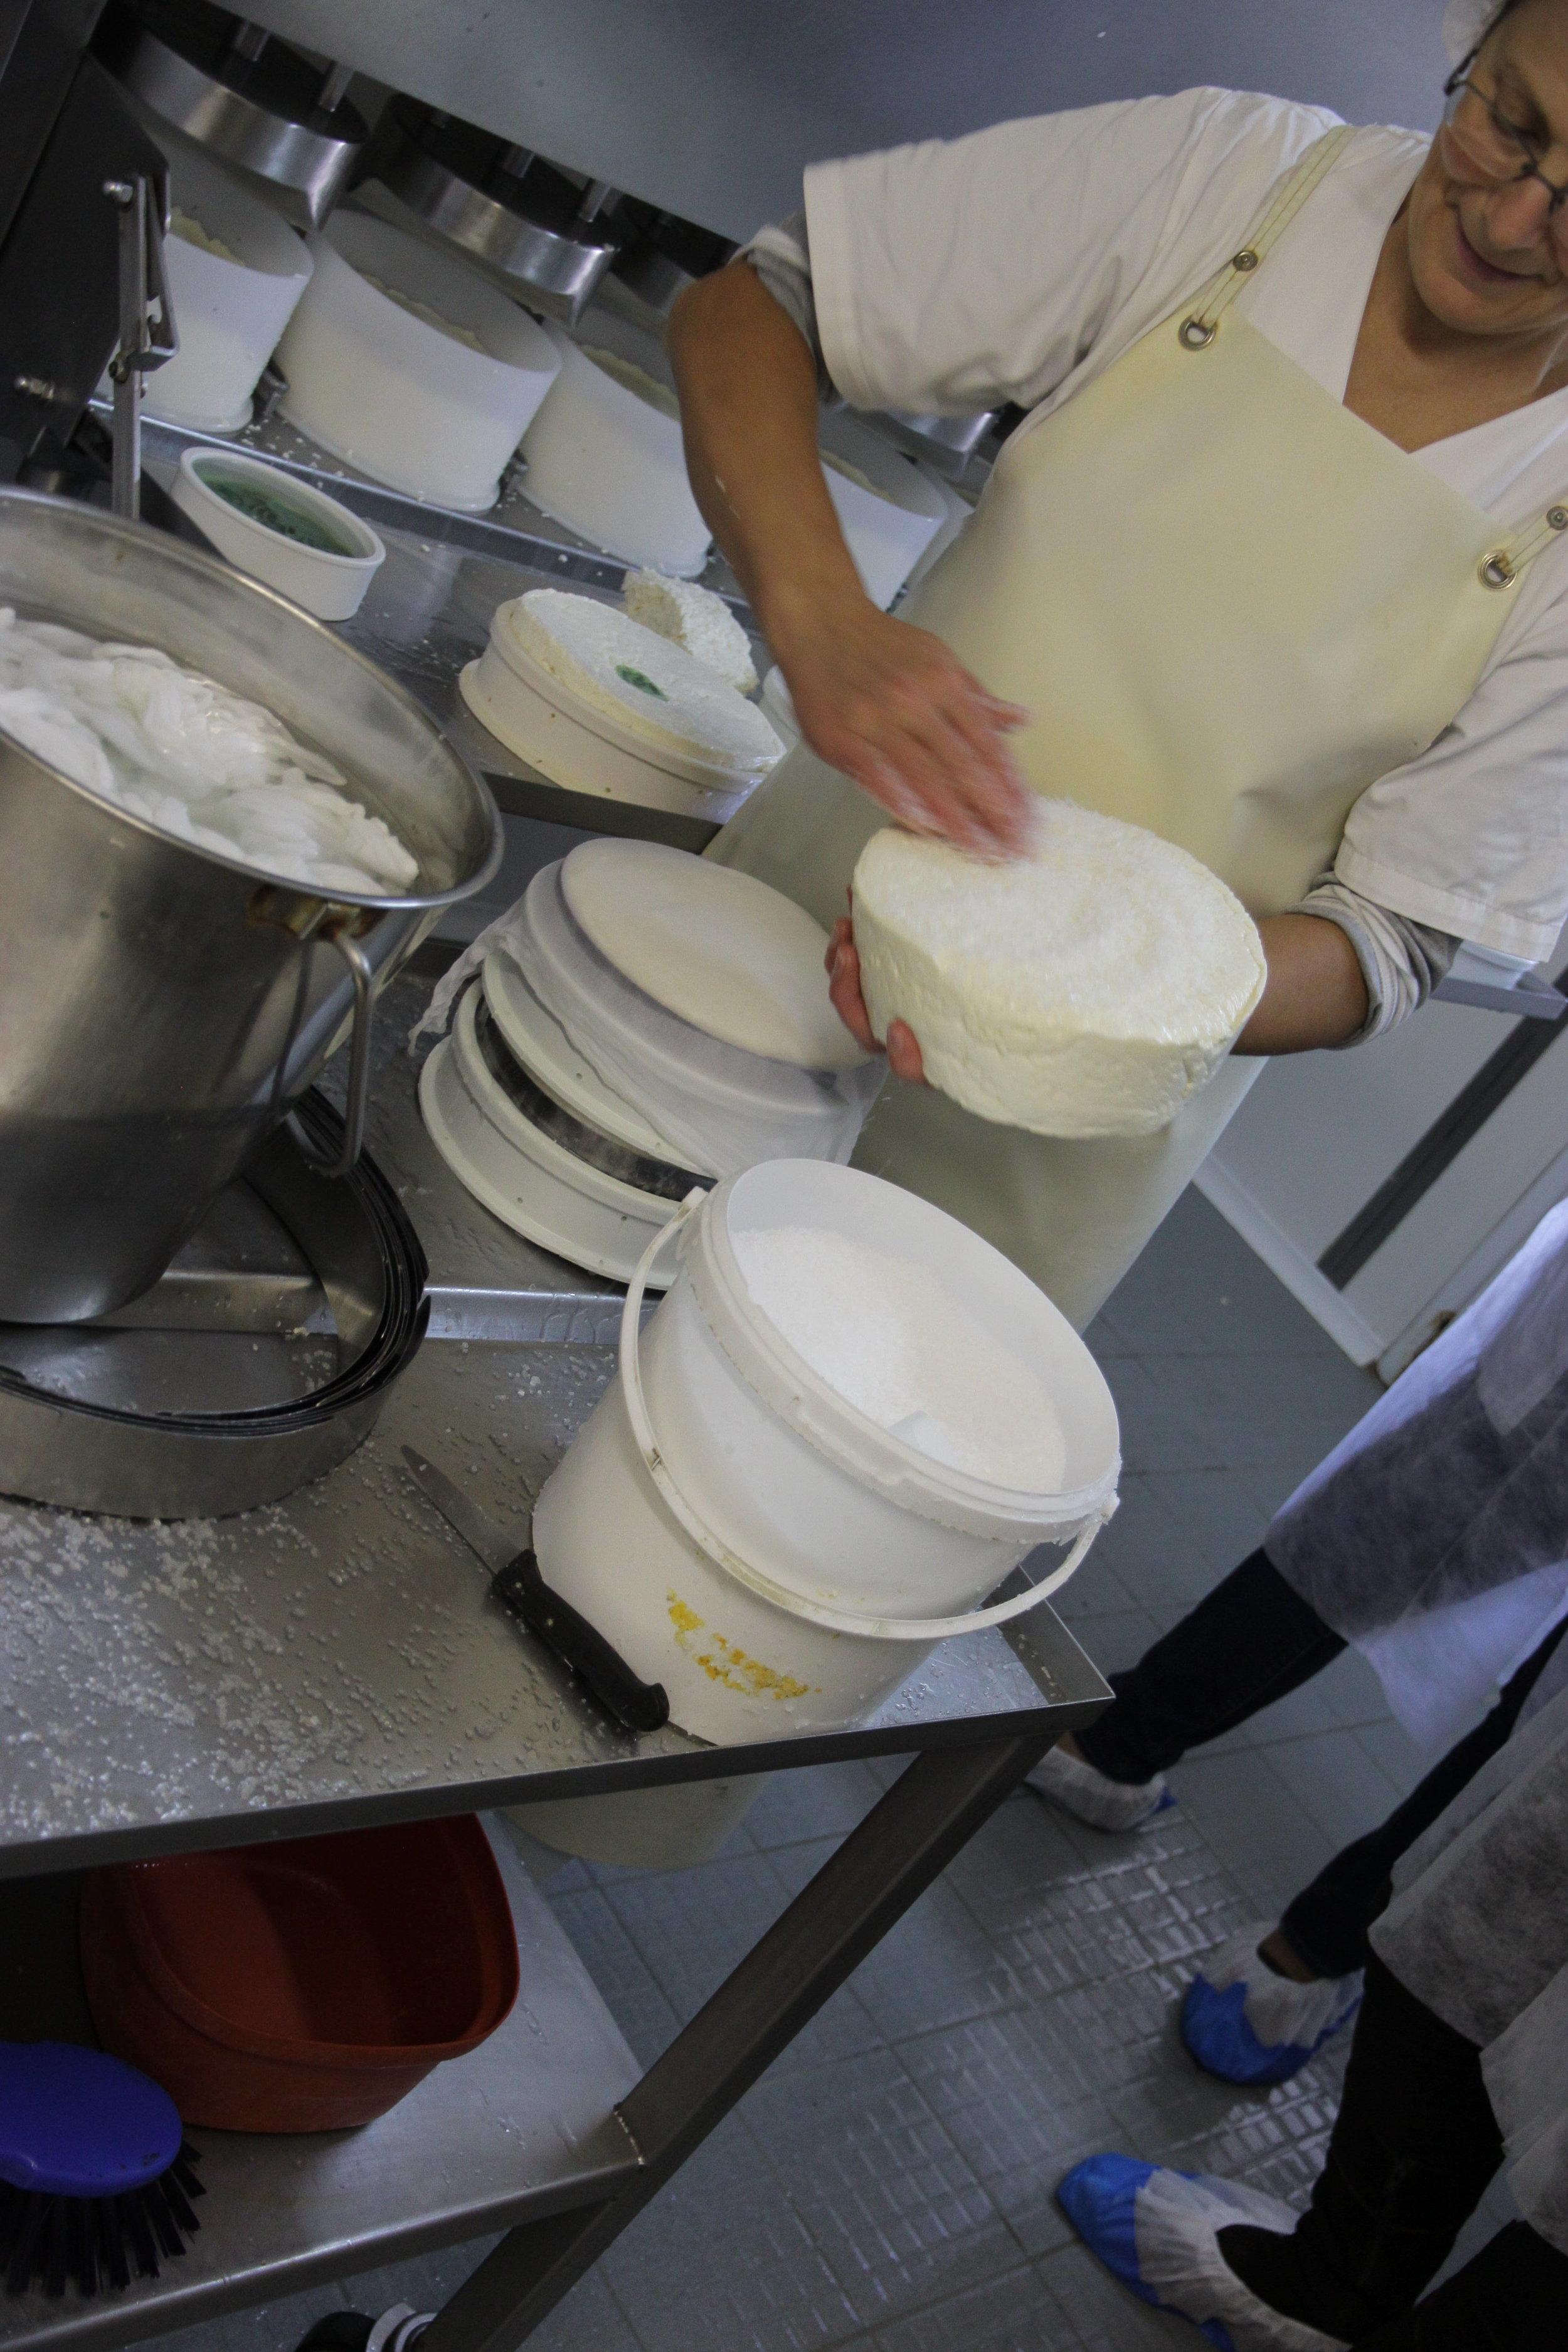 La production fermière de St Nectaire àla ferme Auriel à Montboudif (Auvergne). Nous l'avons visité mardi. La dame dans la photo vient de faire le prépressage de la caillé et est en train de les saler.